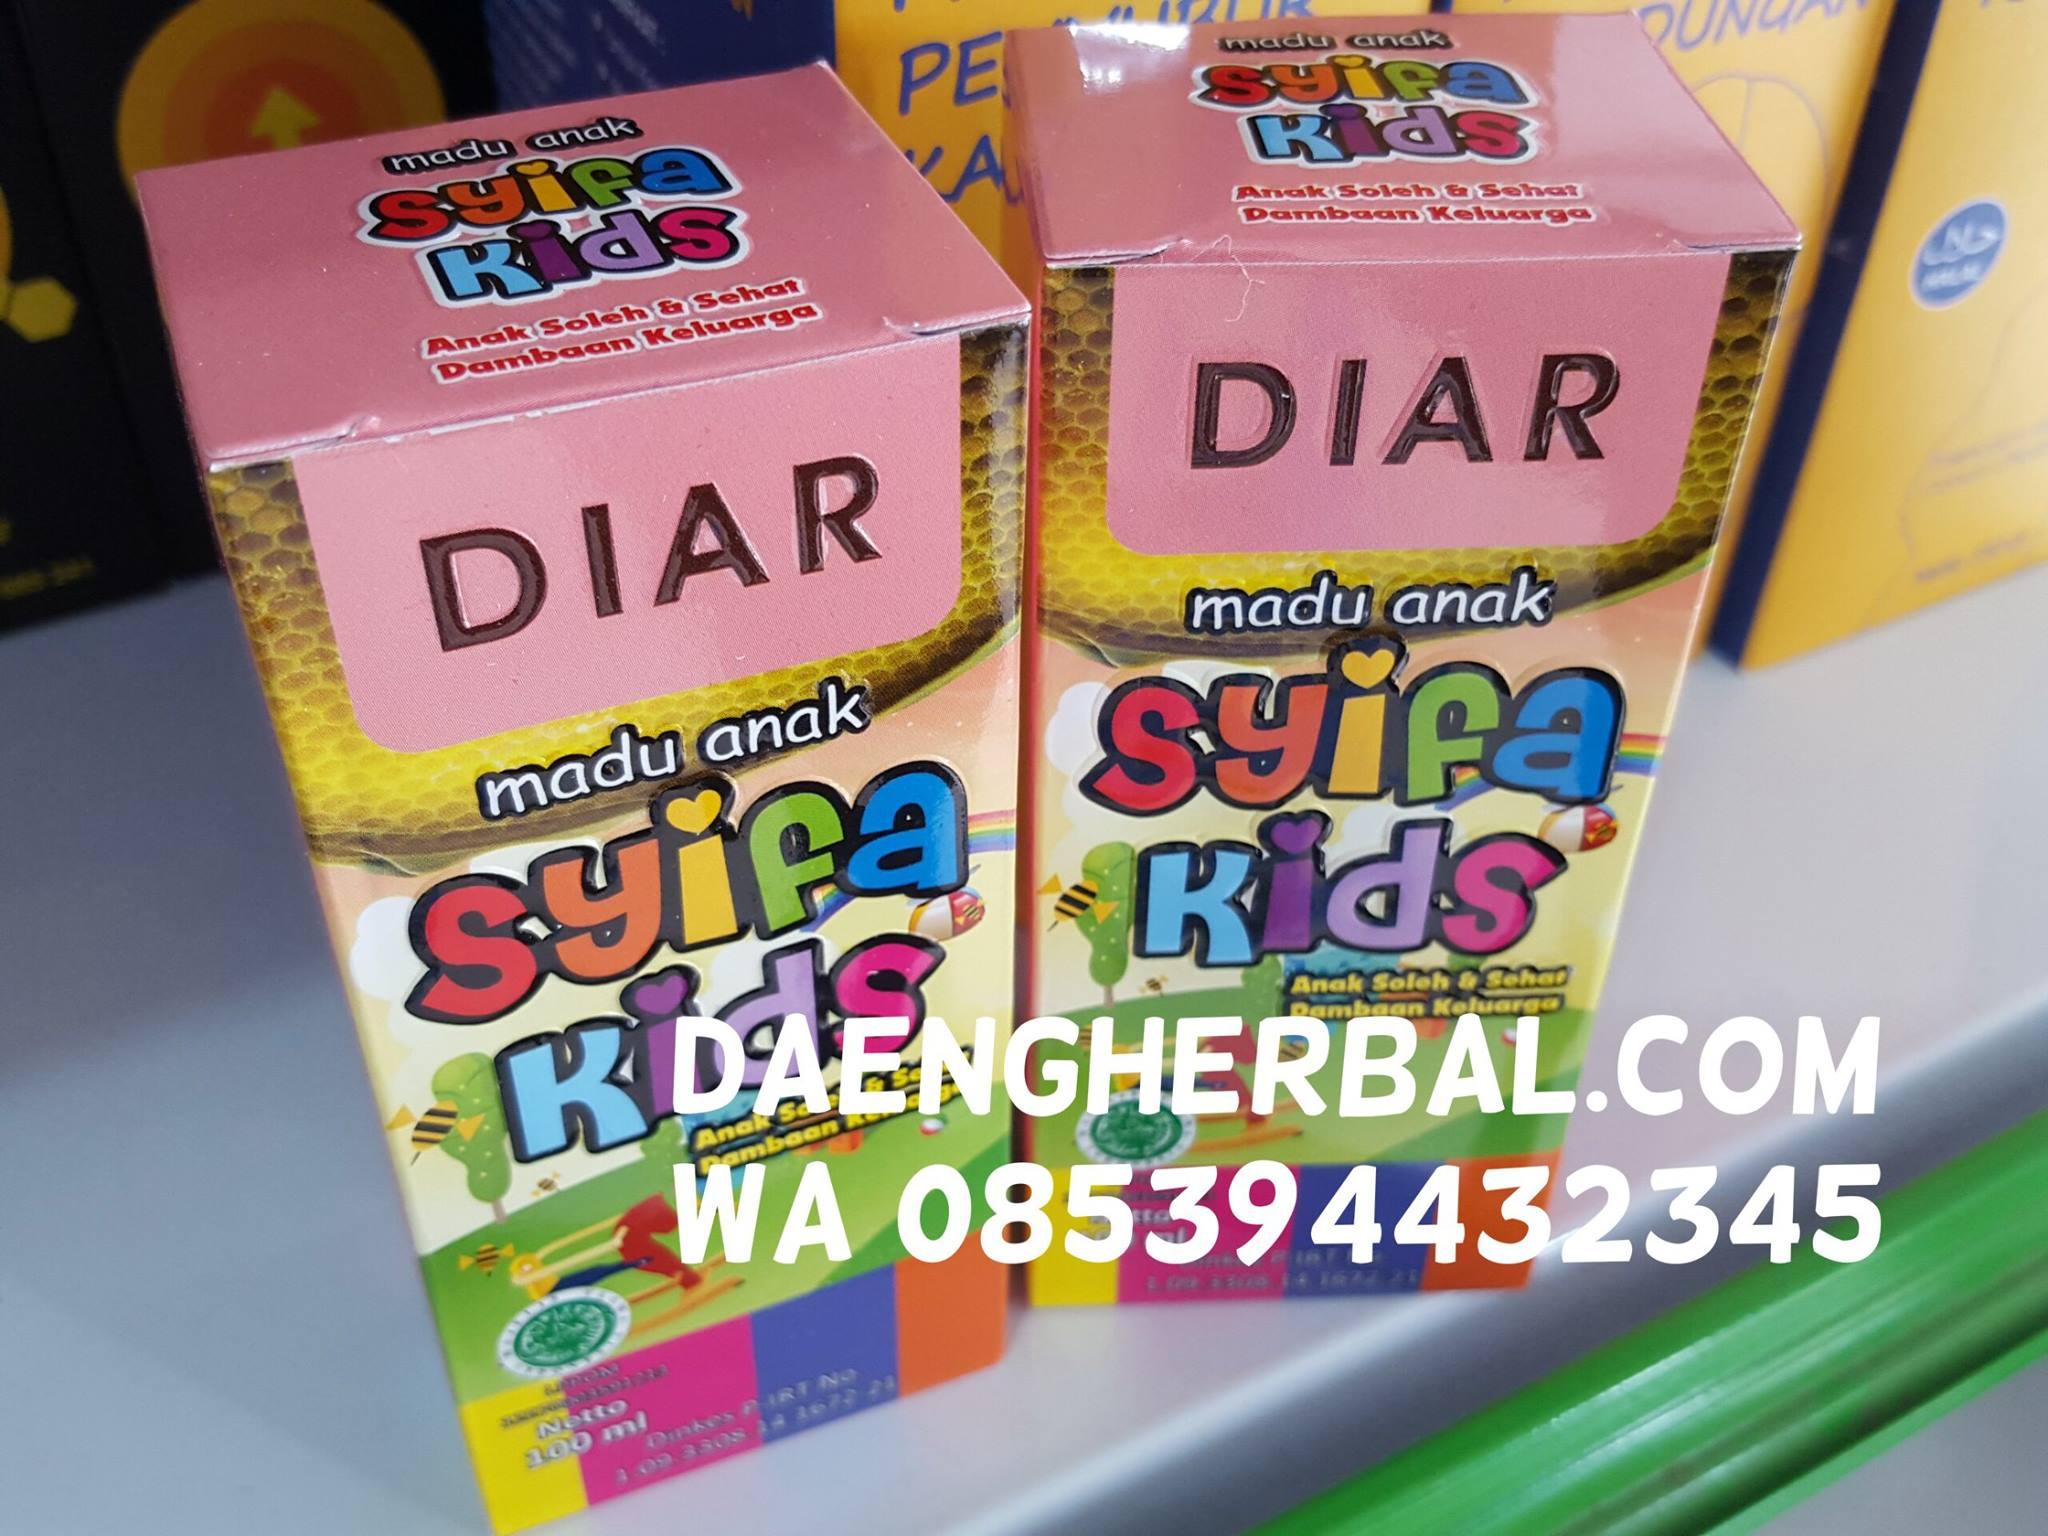 Madu Ibu Hamil Daeng Herbal Al Maburoh Anak Syifa Kids Diar